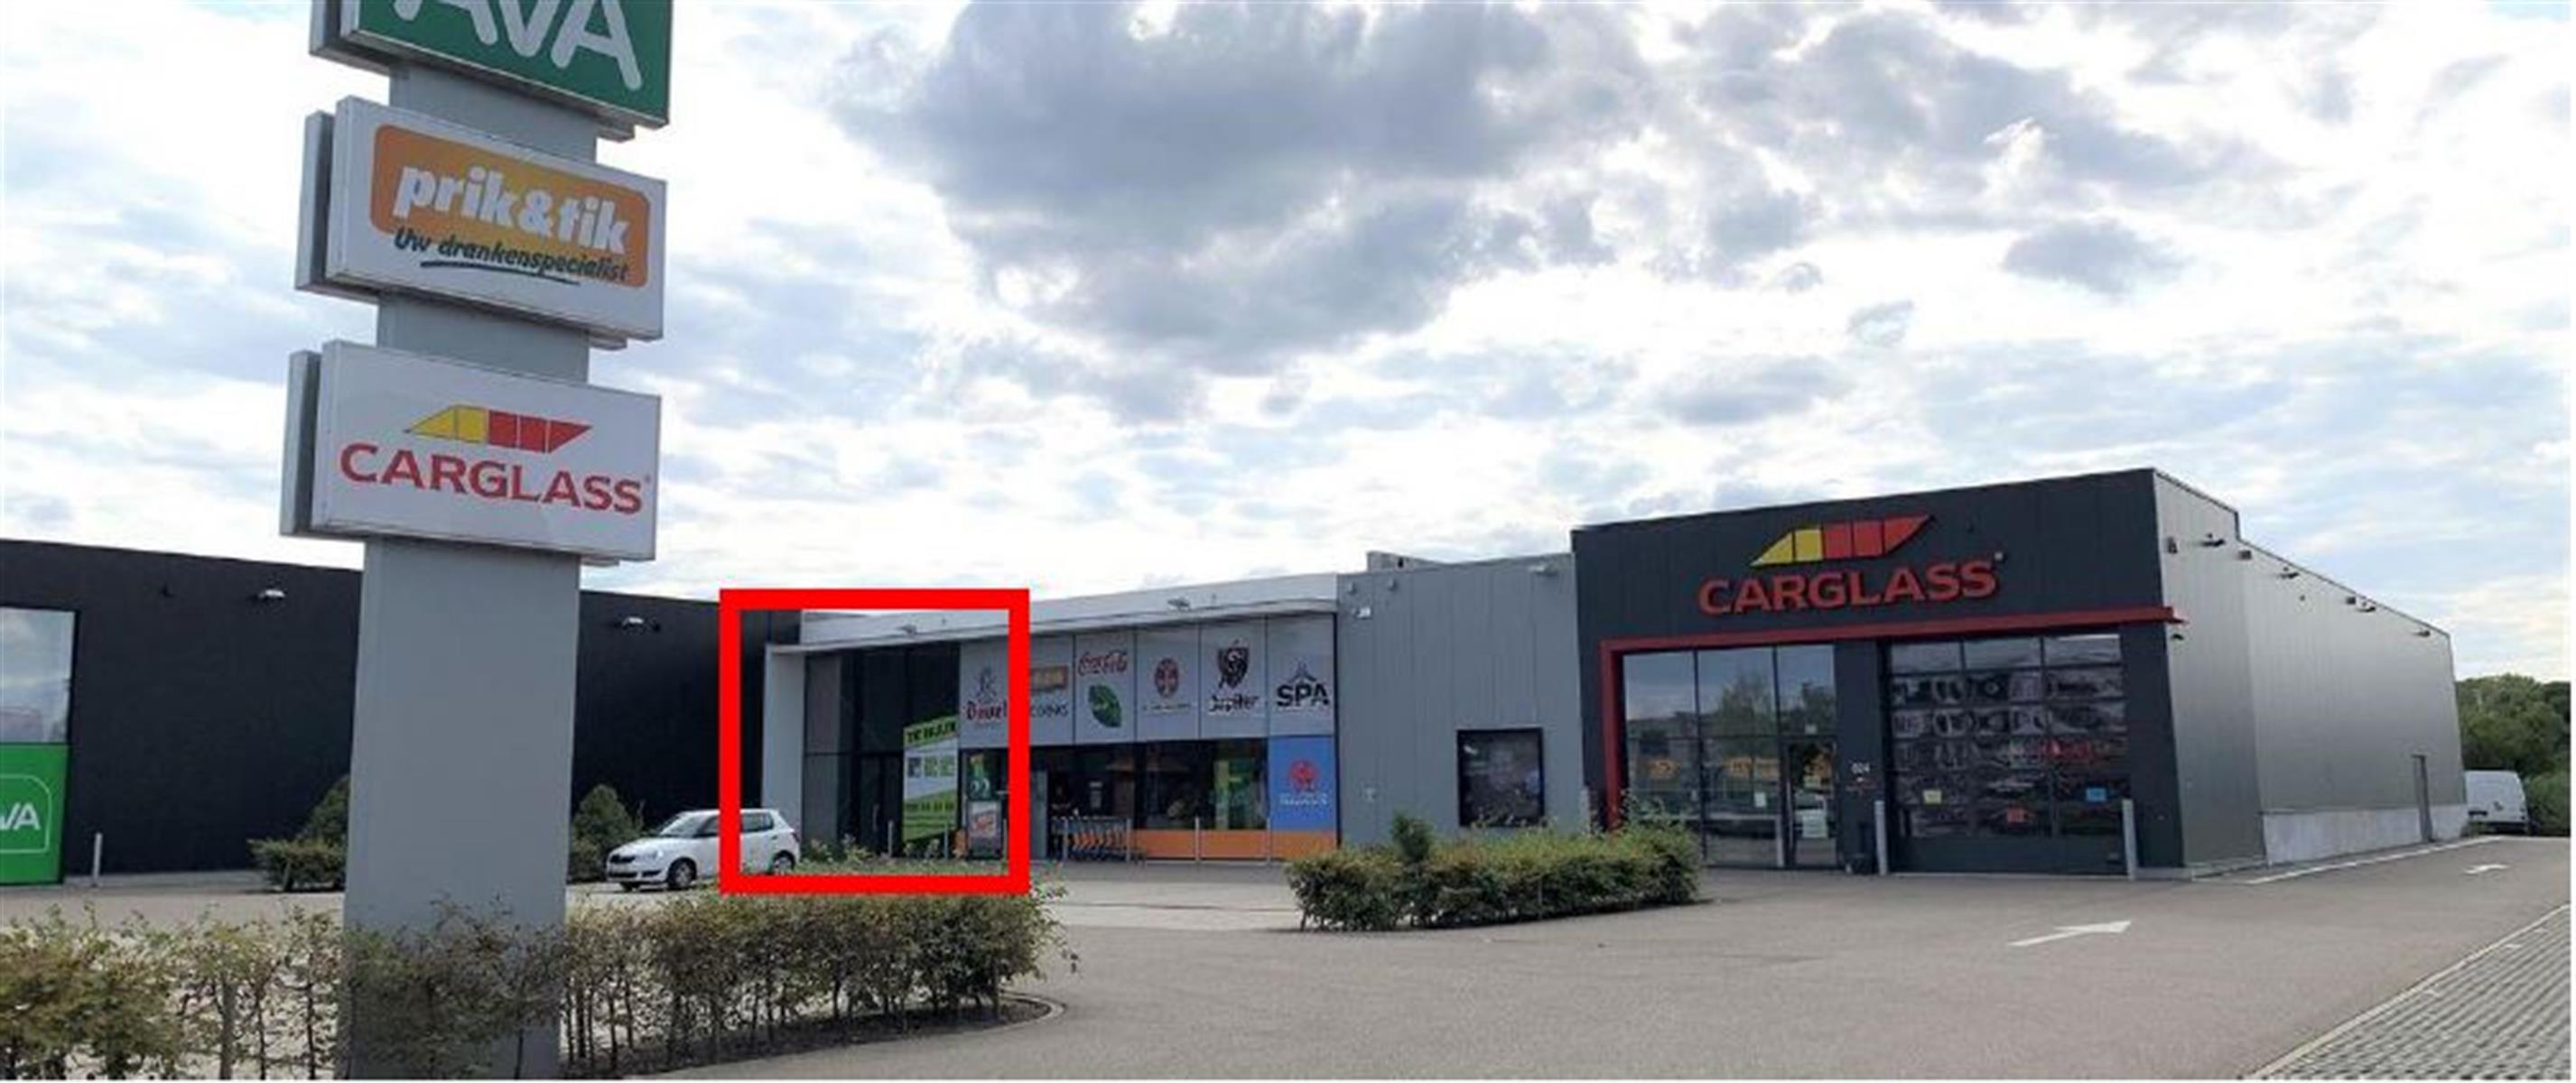 opslagplaats te huur Opslagruimte Handelsruimte Te Huur - 3630 Maasmechelen, België 2